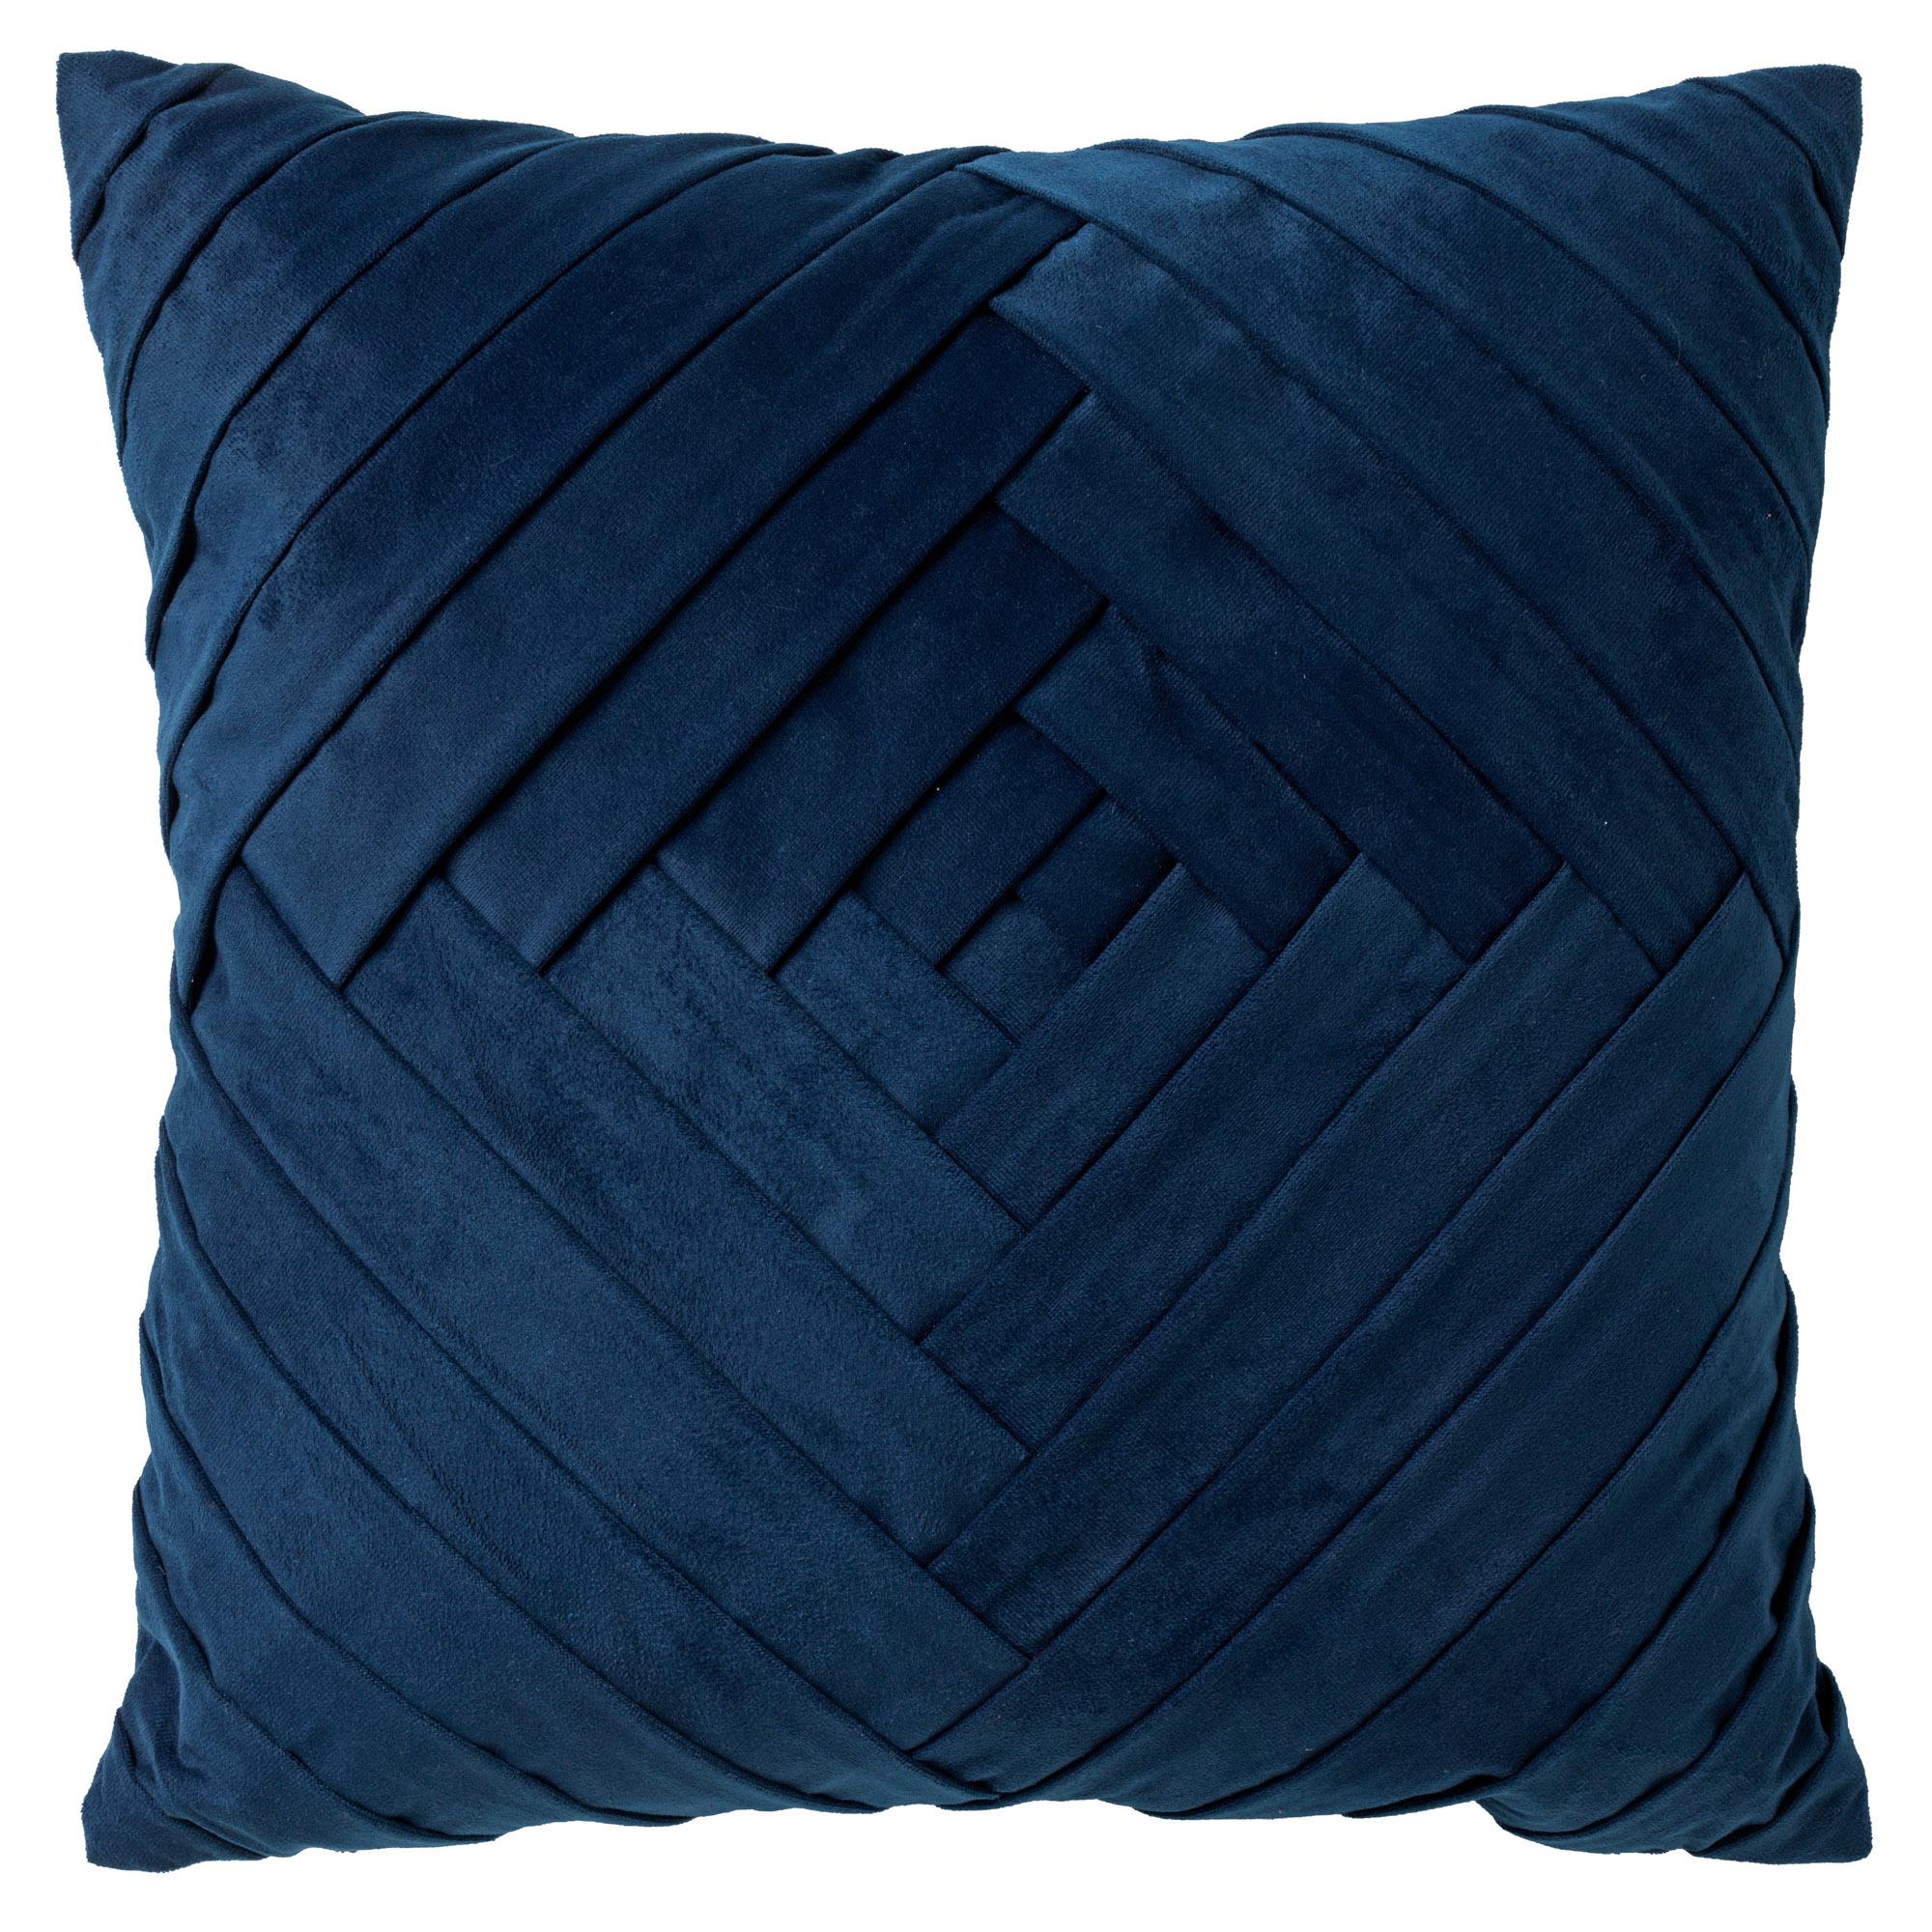 Housse de coussin en velours Bleu saphir 45x45